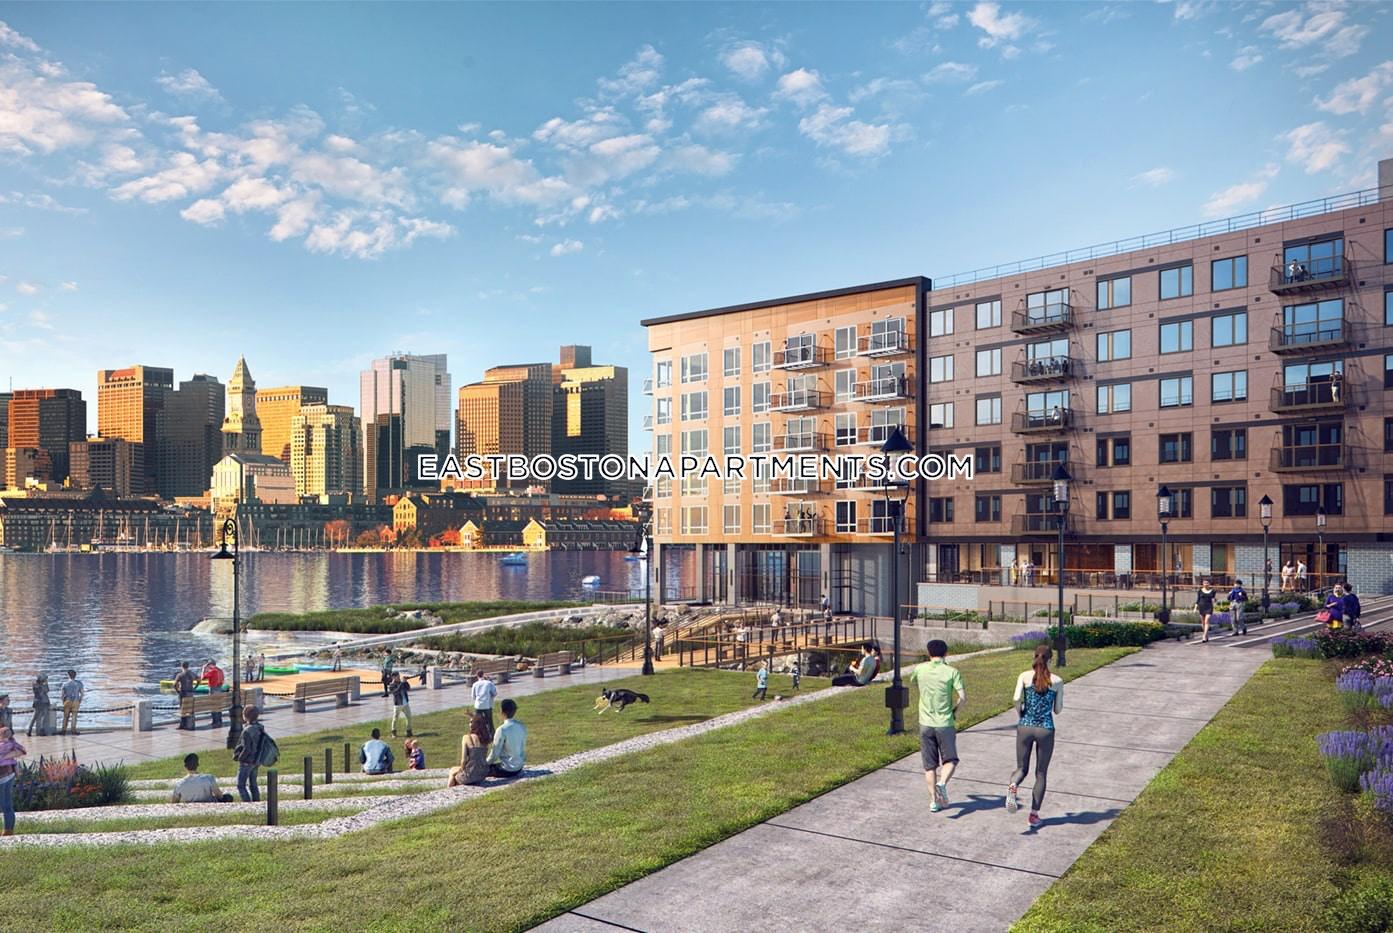 Lewis St. BOSTON - EAST BOSTON - JEFFRIES POINT